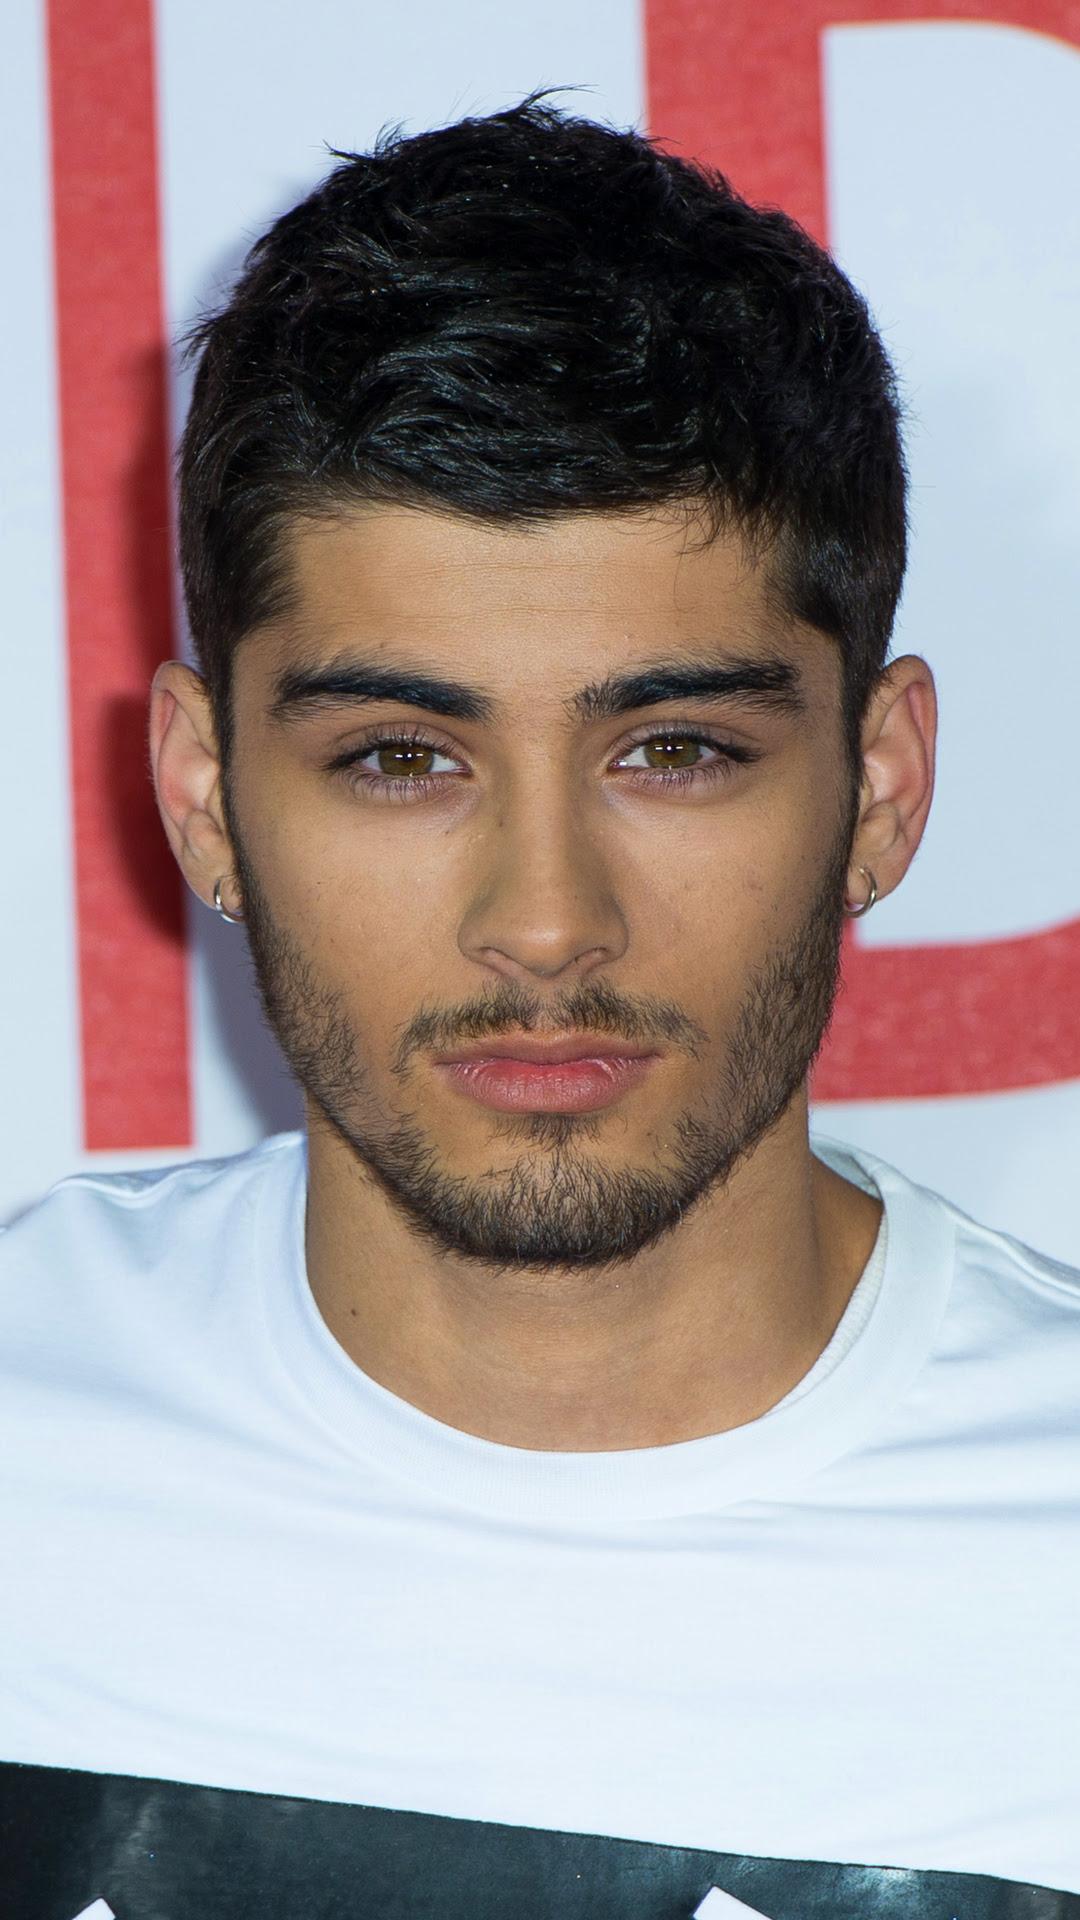 Zayn Malik One Direction htc one wallpaper - Best htc one ...